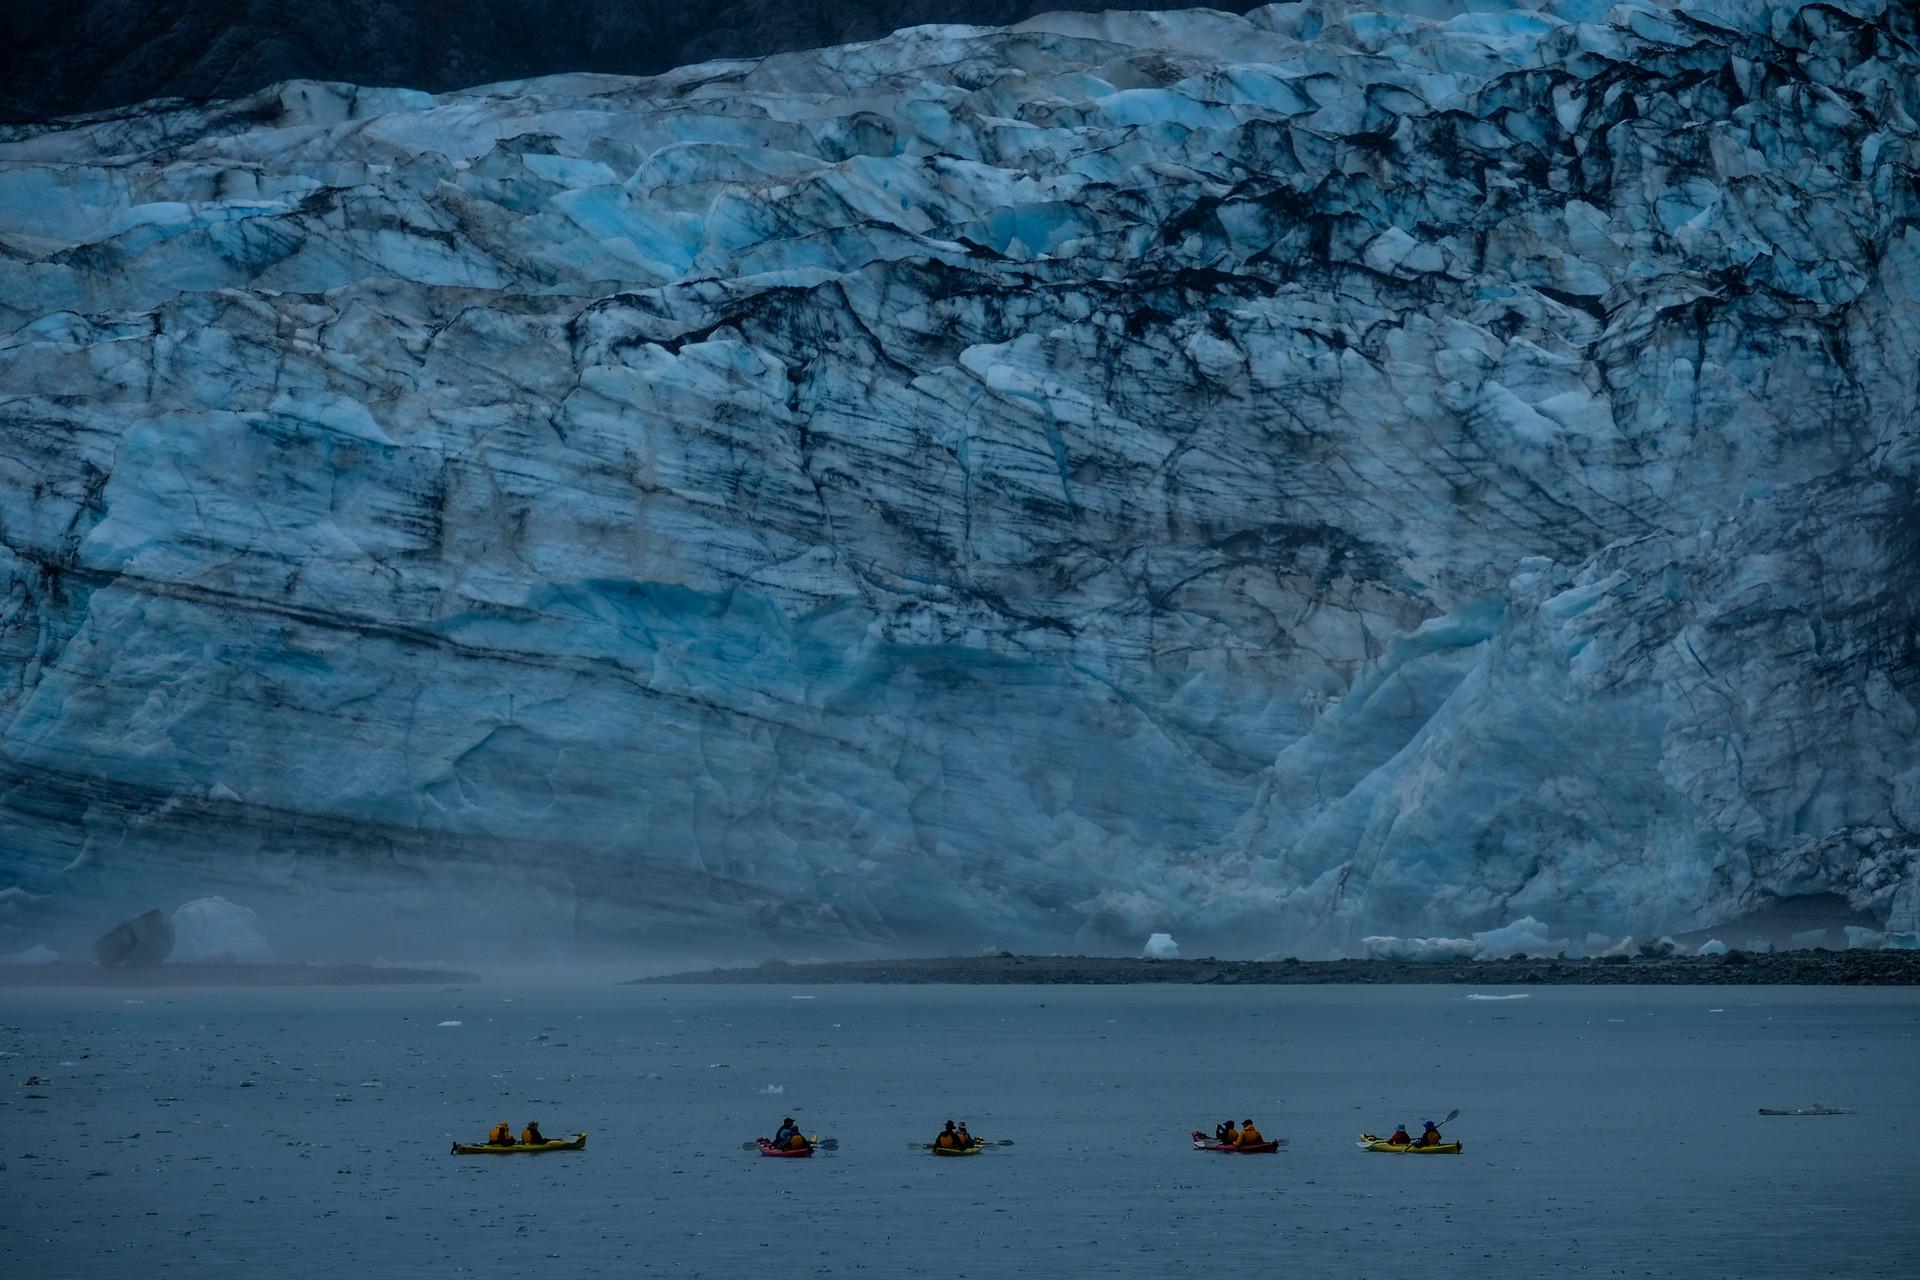 Kayakers near Lamplugh.